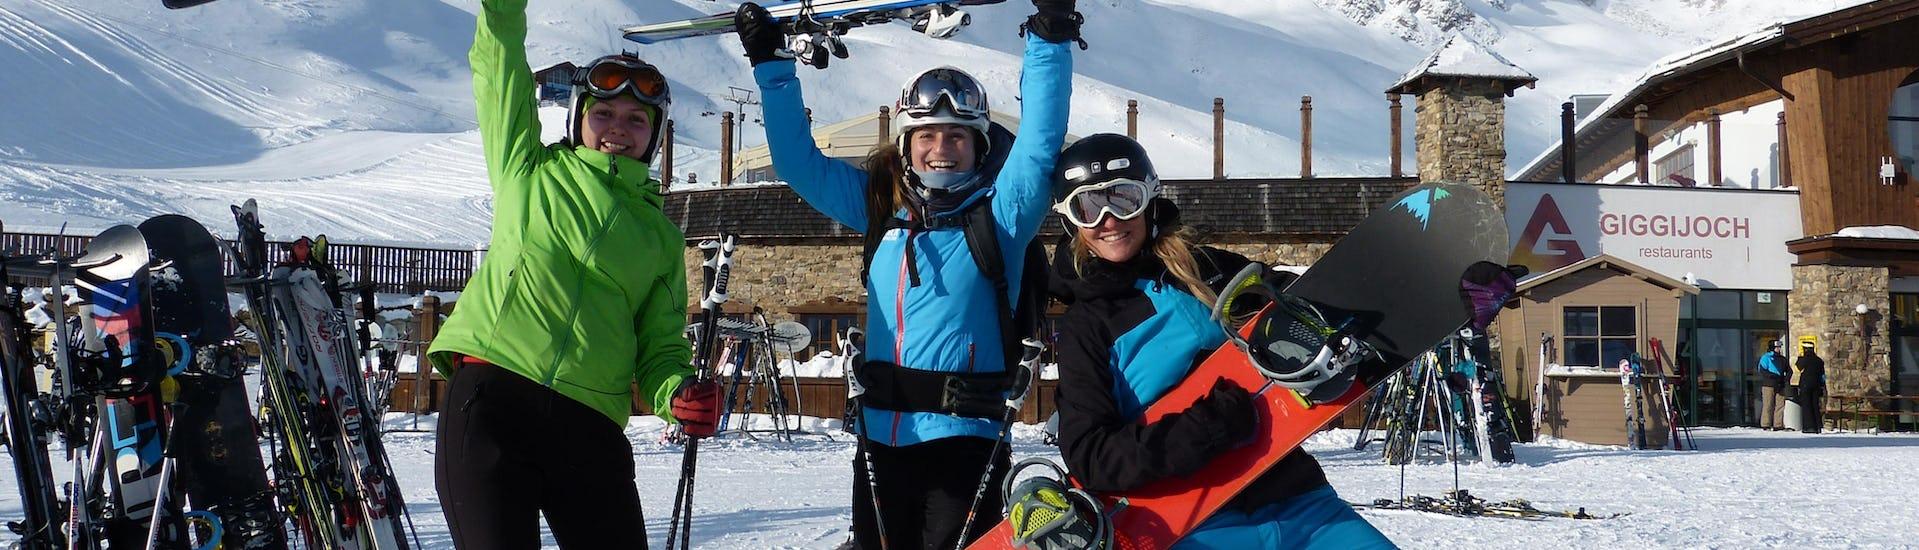 Privater Snowboardkurs für Erwachsene